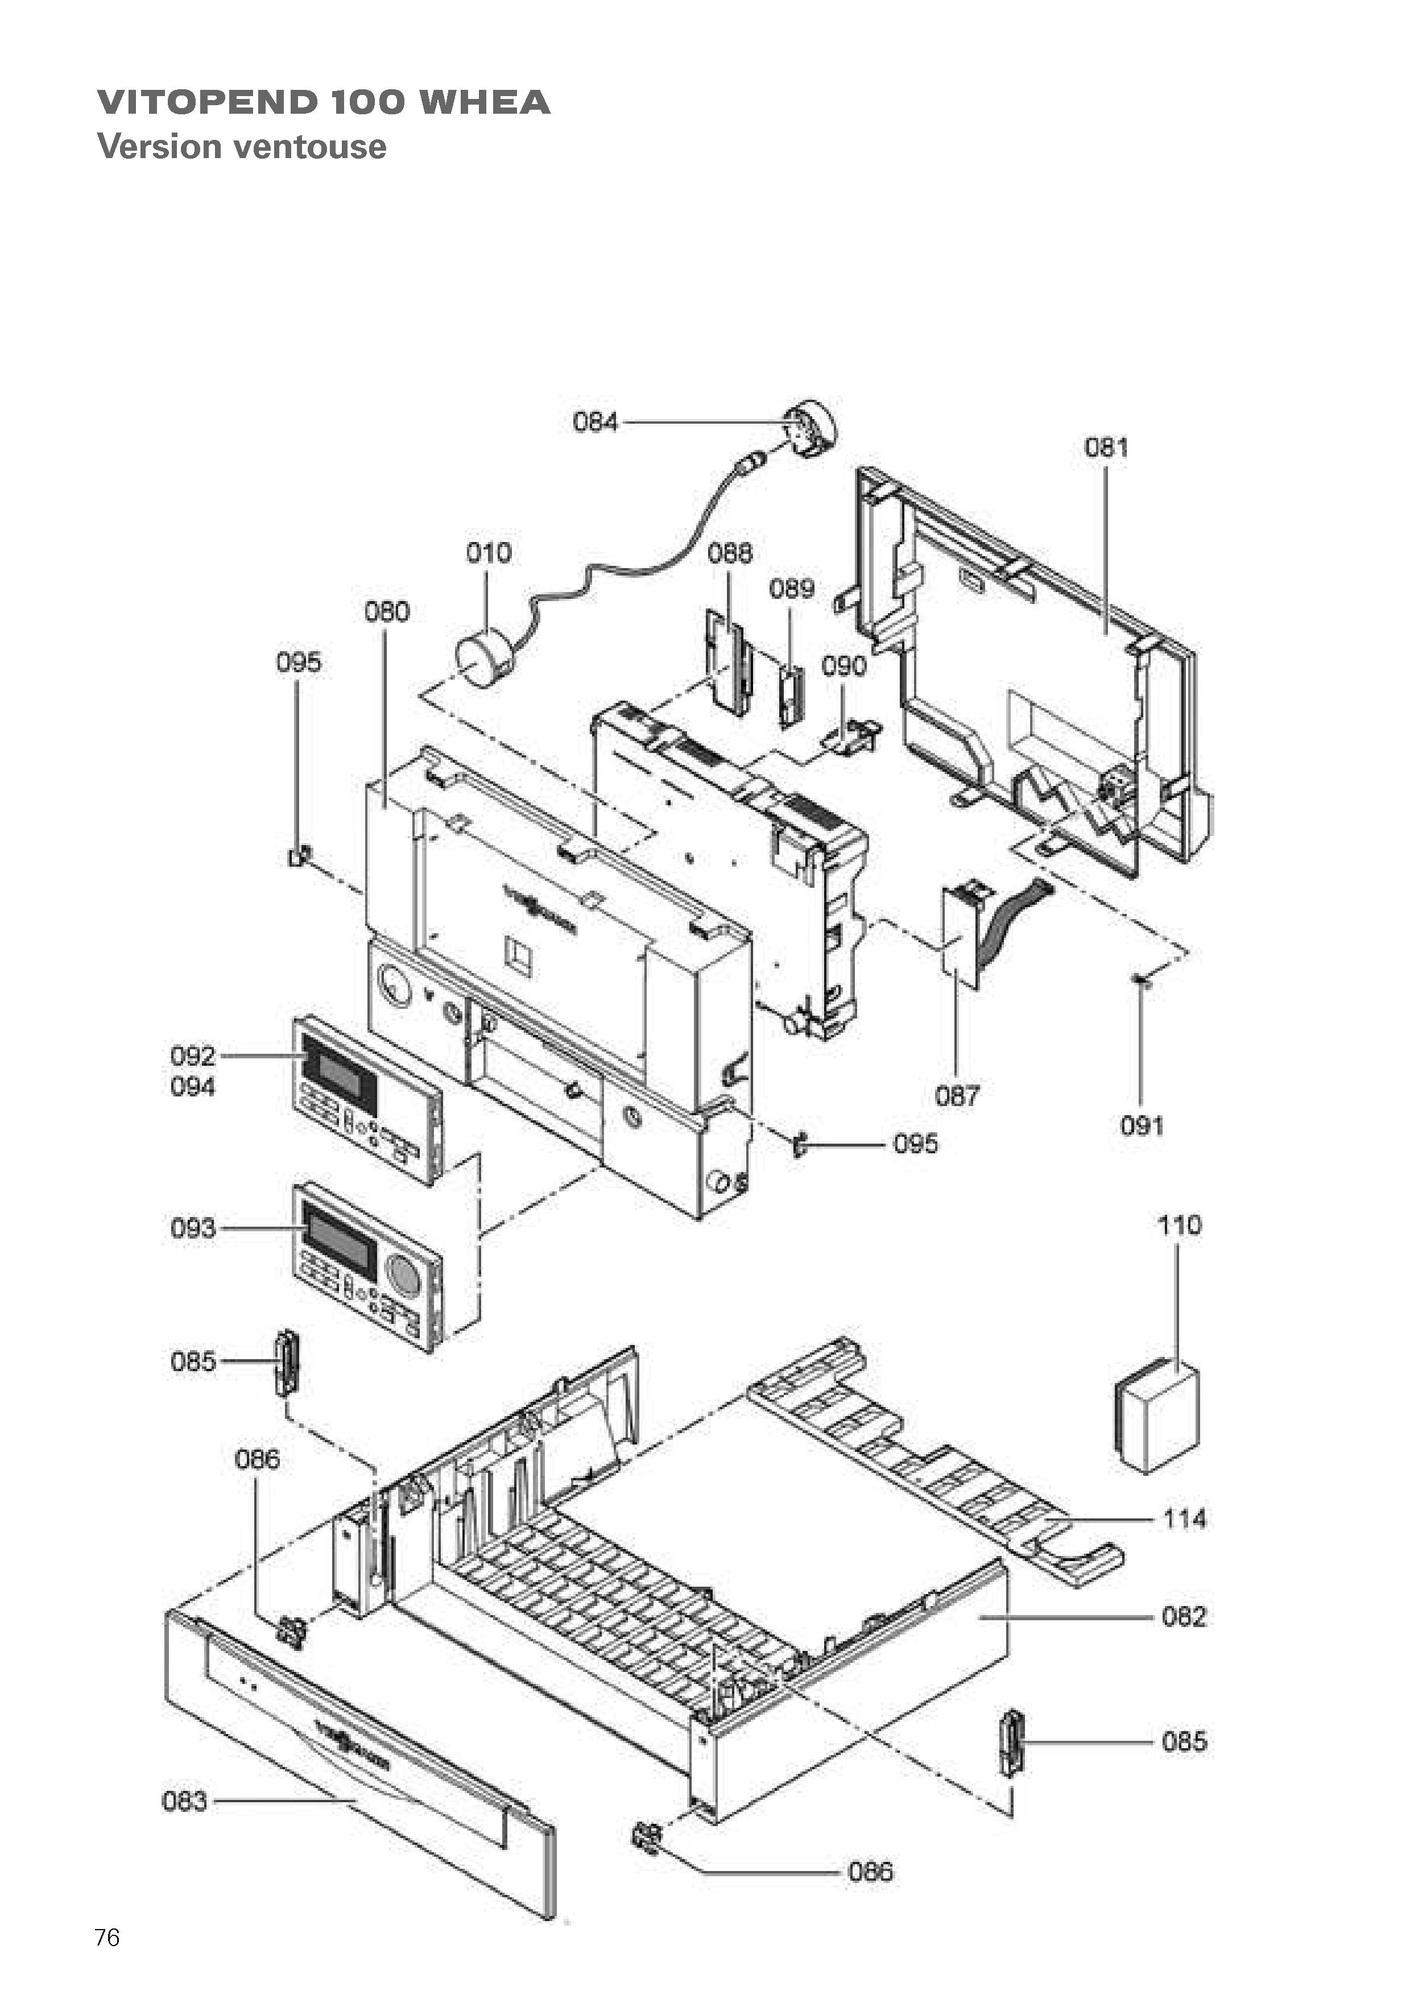 recherche directe dans la vue clat e de l 39 article. Black Bedroom Furniture Sets. Home Design Ideas